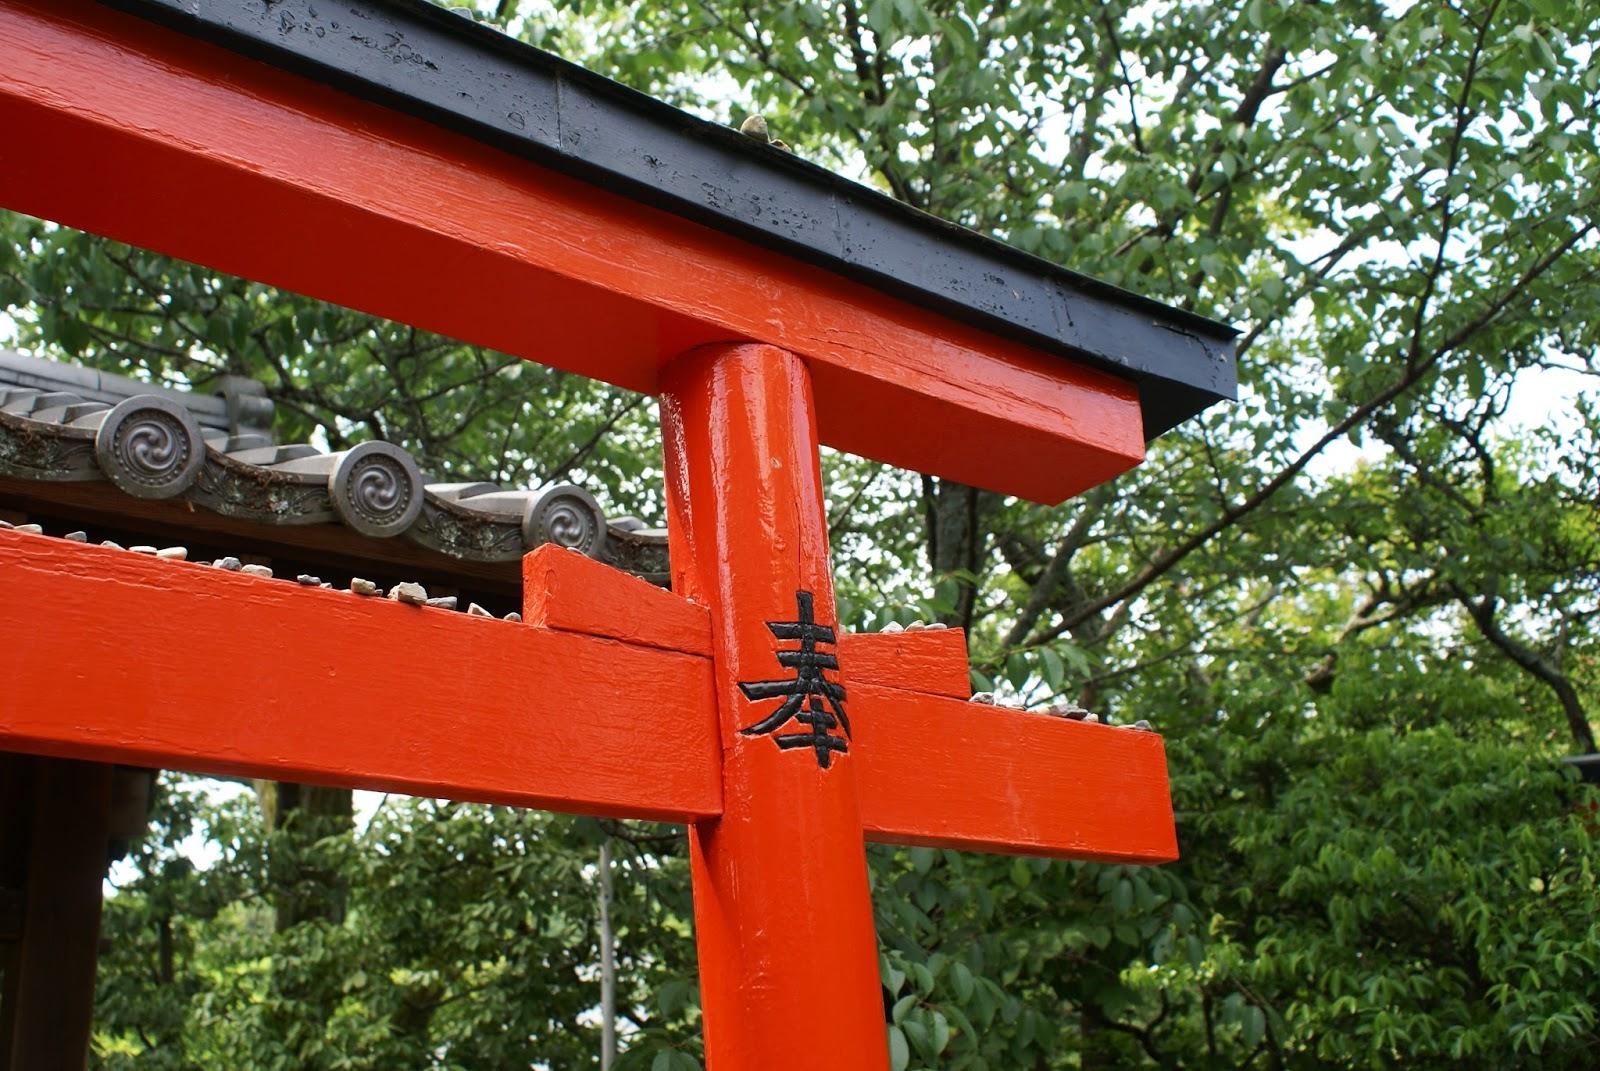 ryoan ji buddhist temple garden torii kyoto kansai japan asia